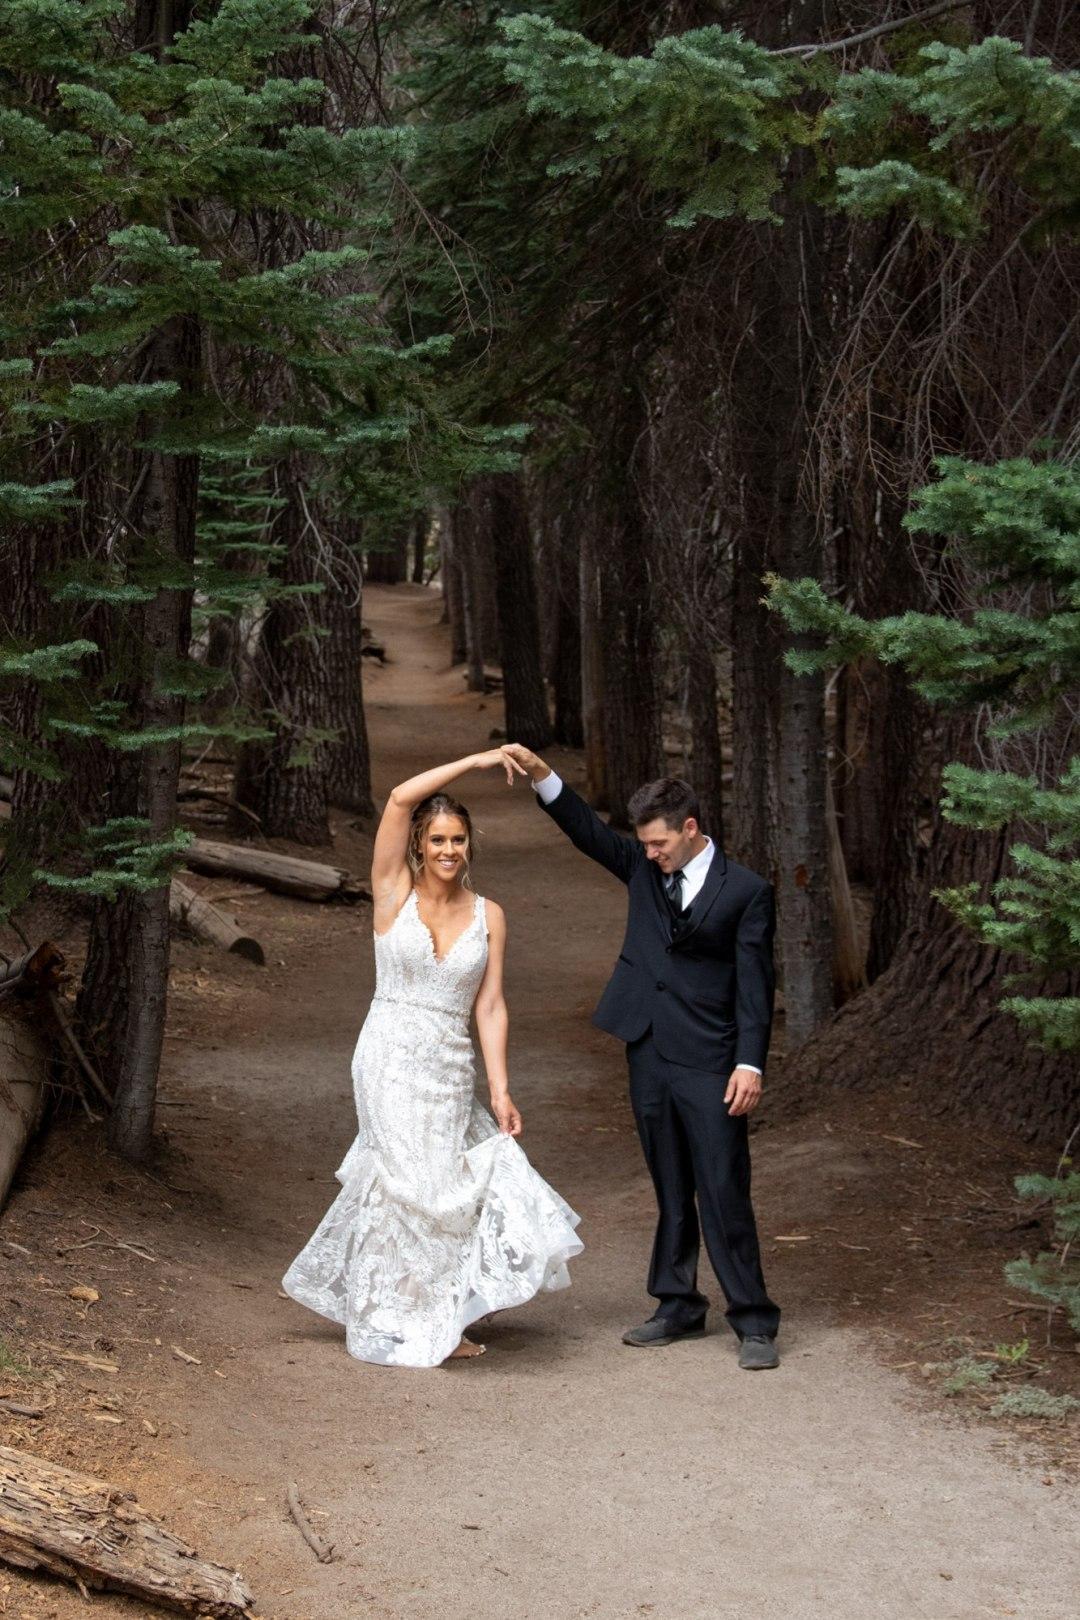 First dance after a sunset Yosemite elopement.